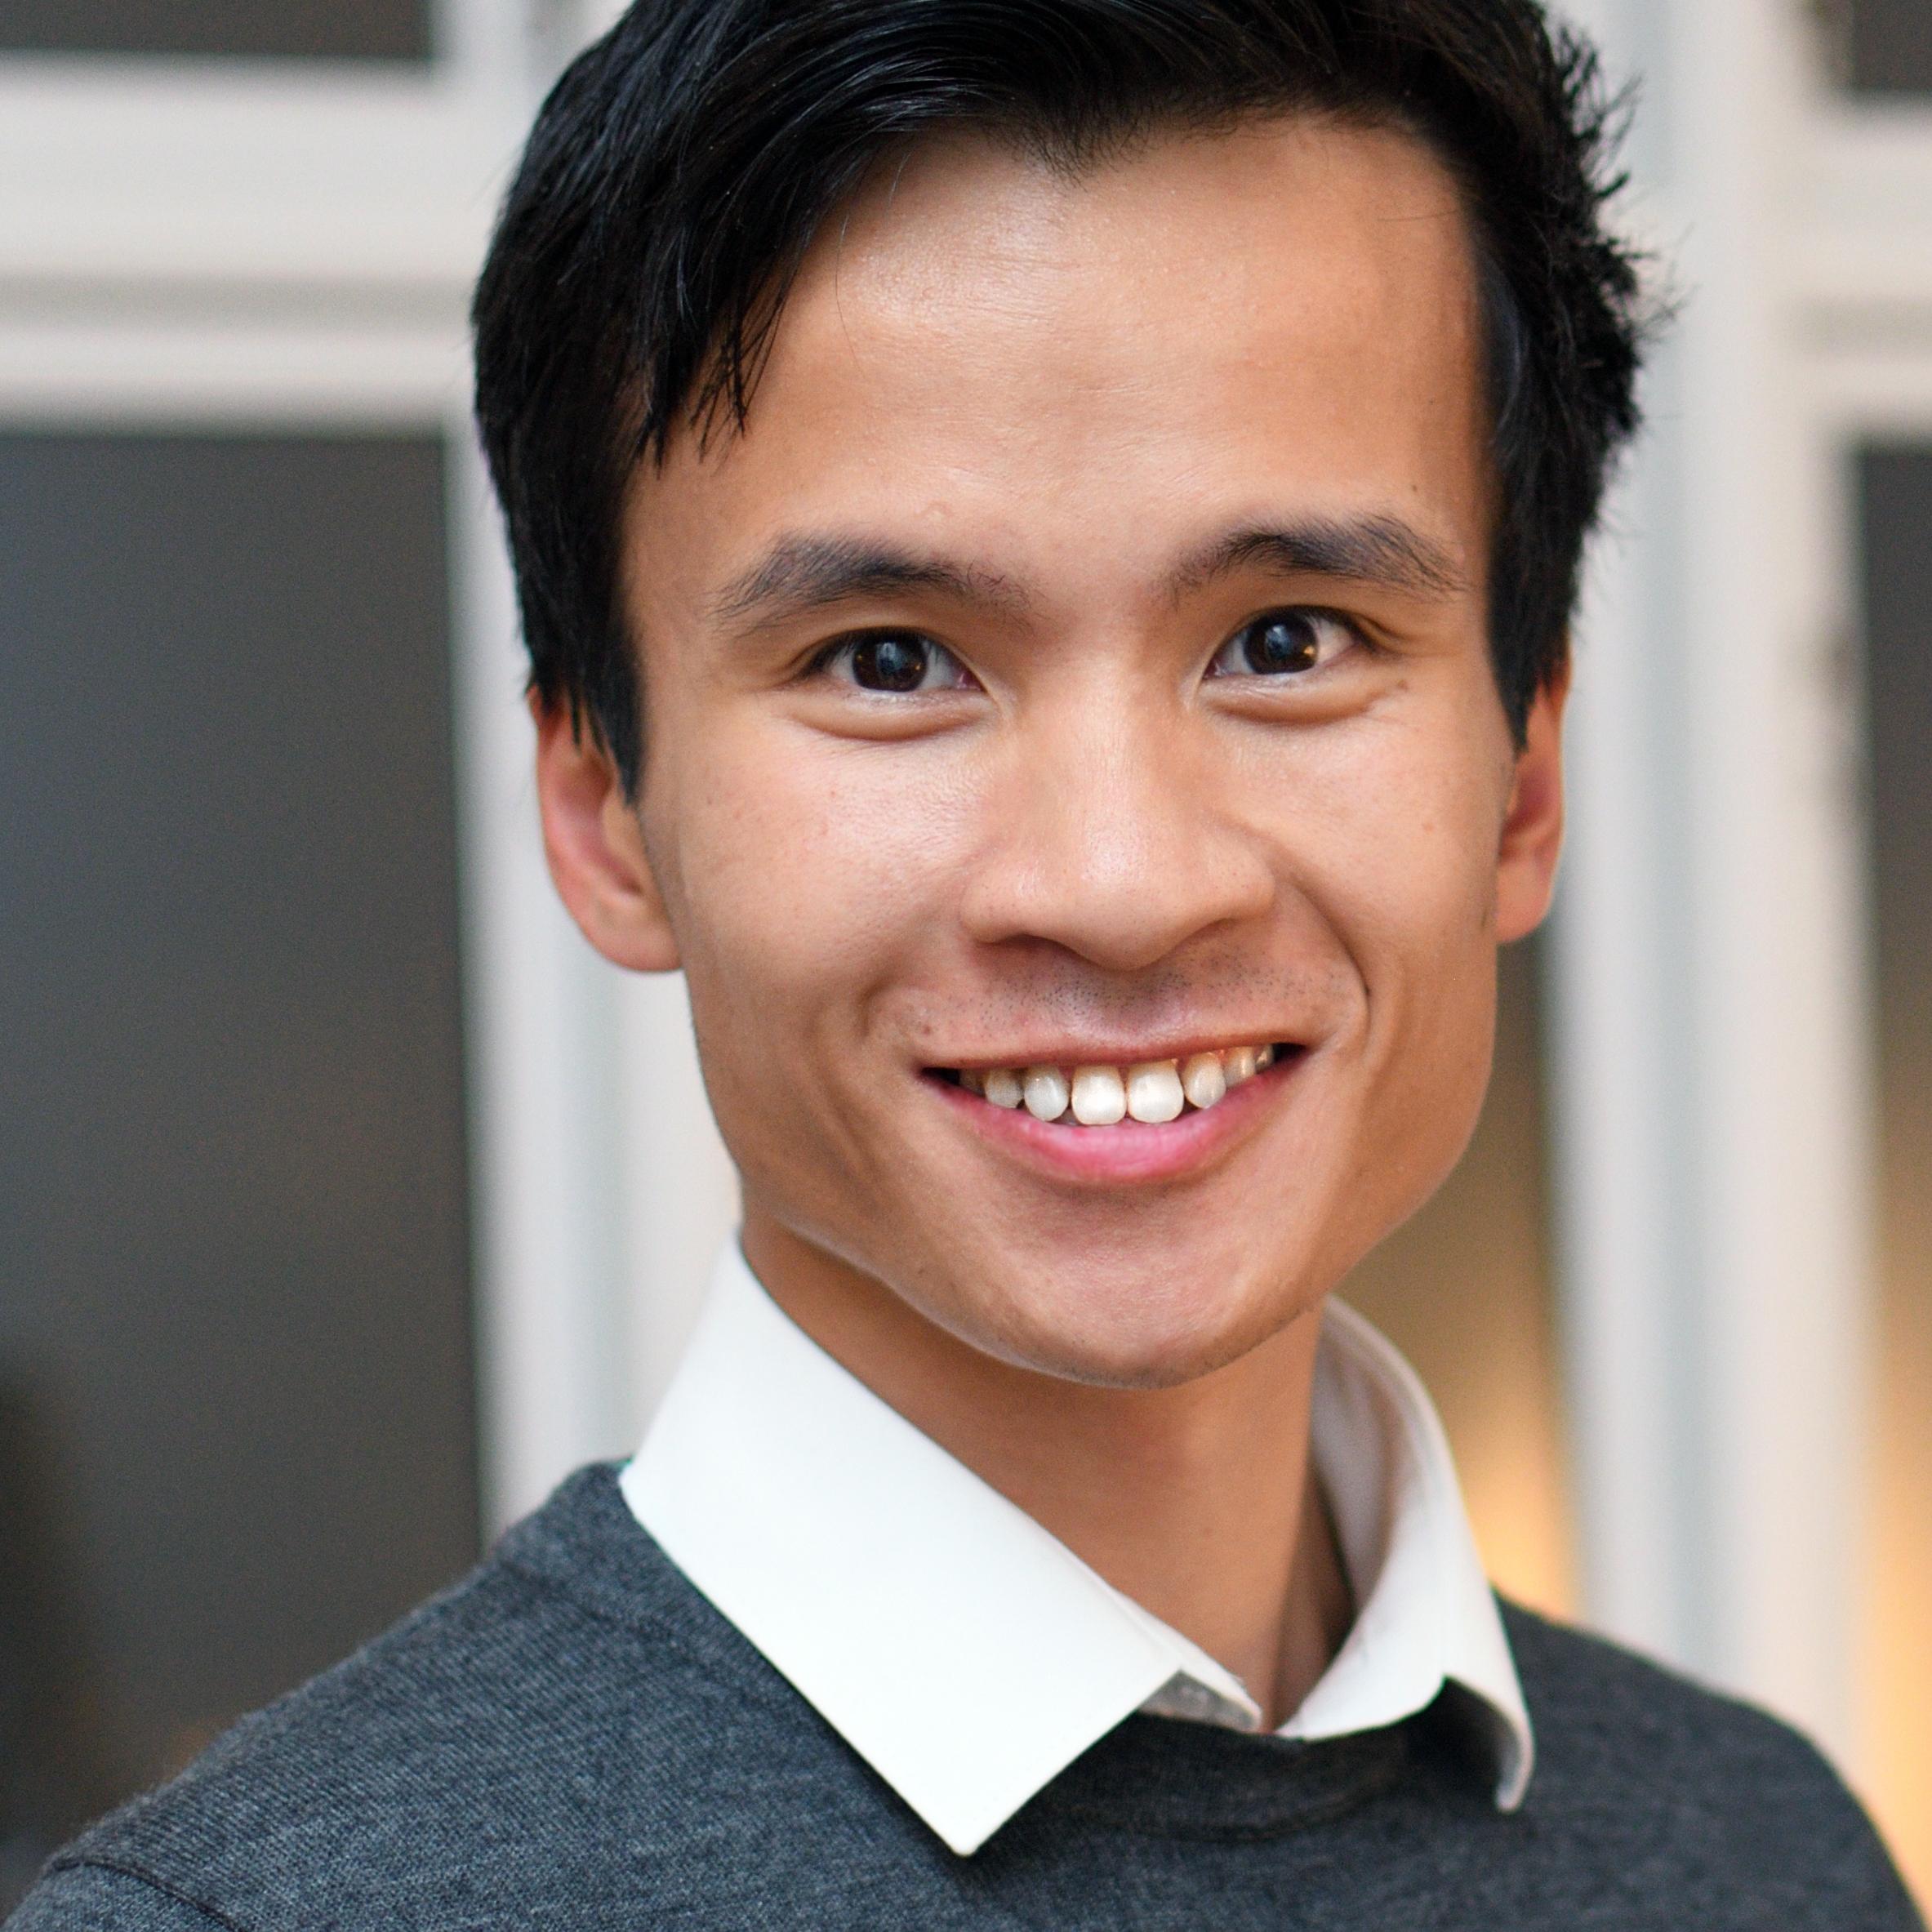 Slagelse Byråd med byrådsmedlem Christopher Trung Paulsen fra Slagelse Kommunes Byråd